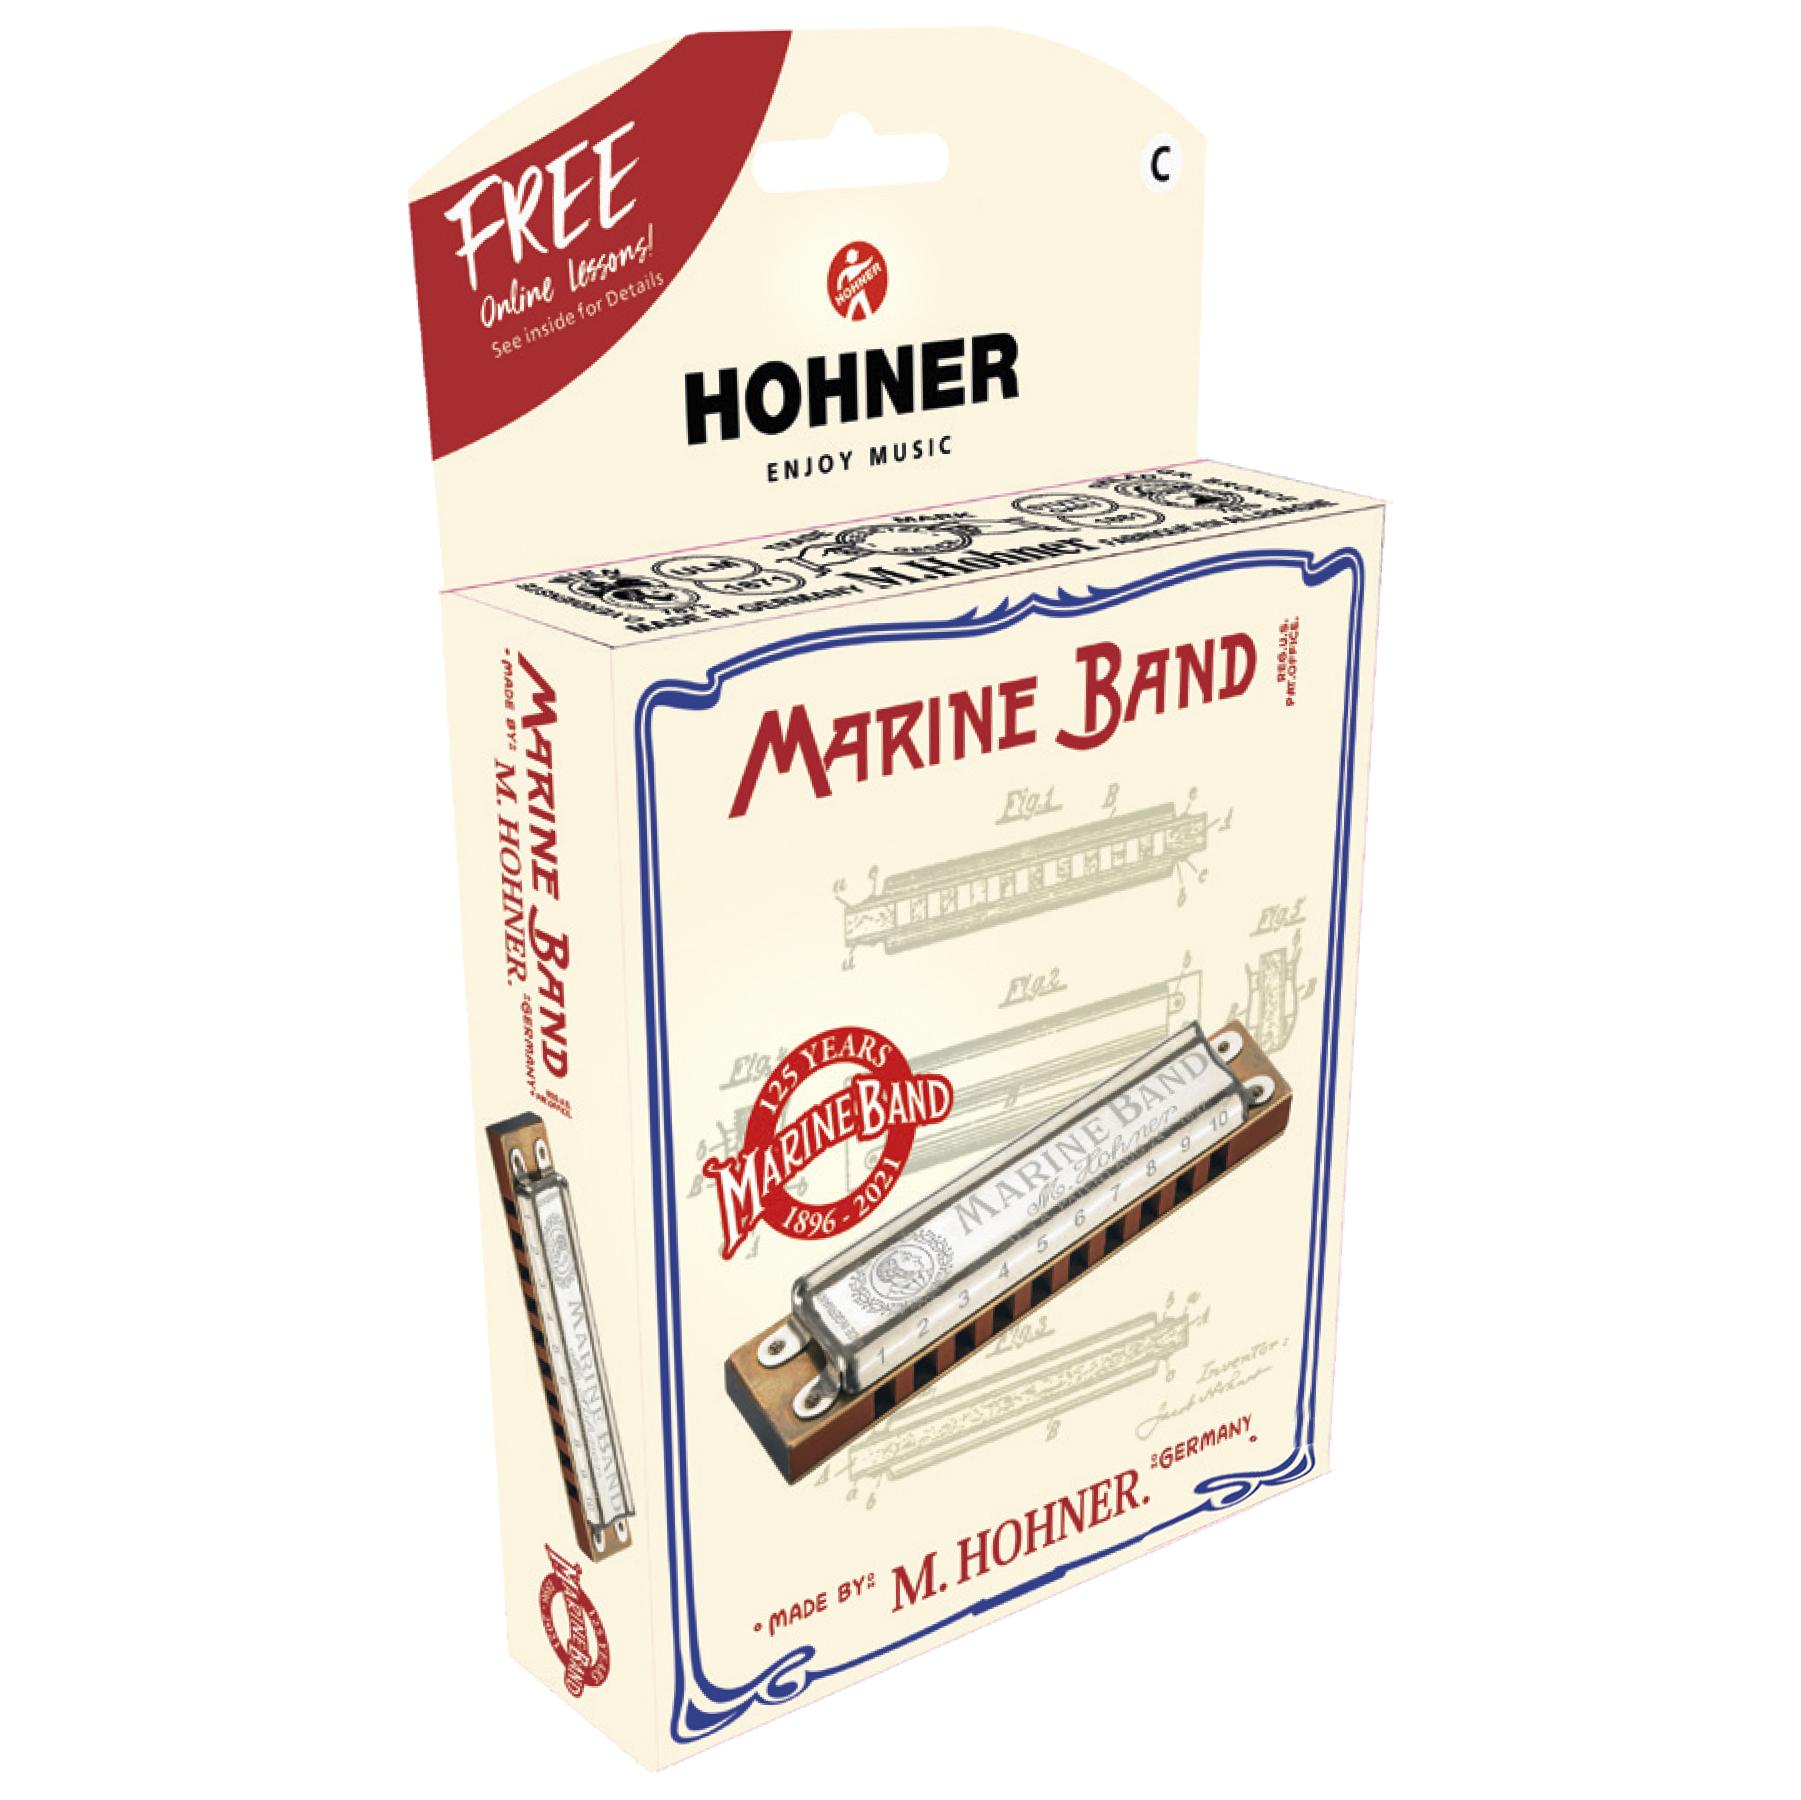 HOHNER 125th ANNIVERSARY MARINE BAND C BOX